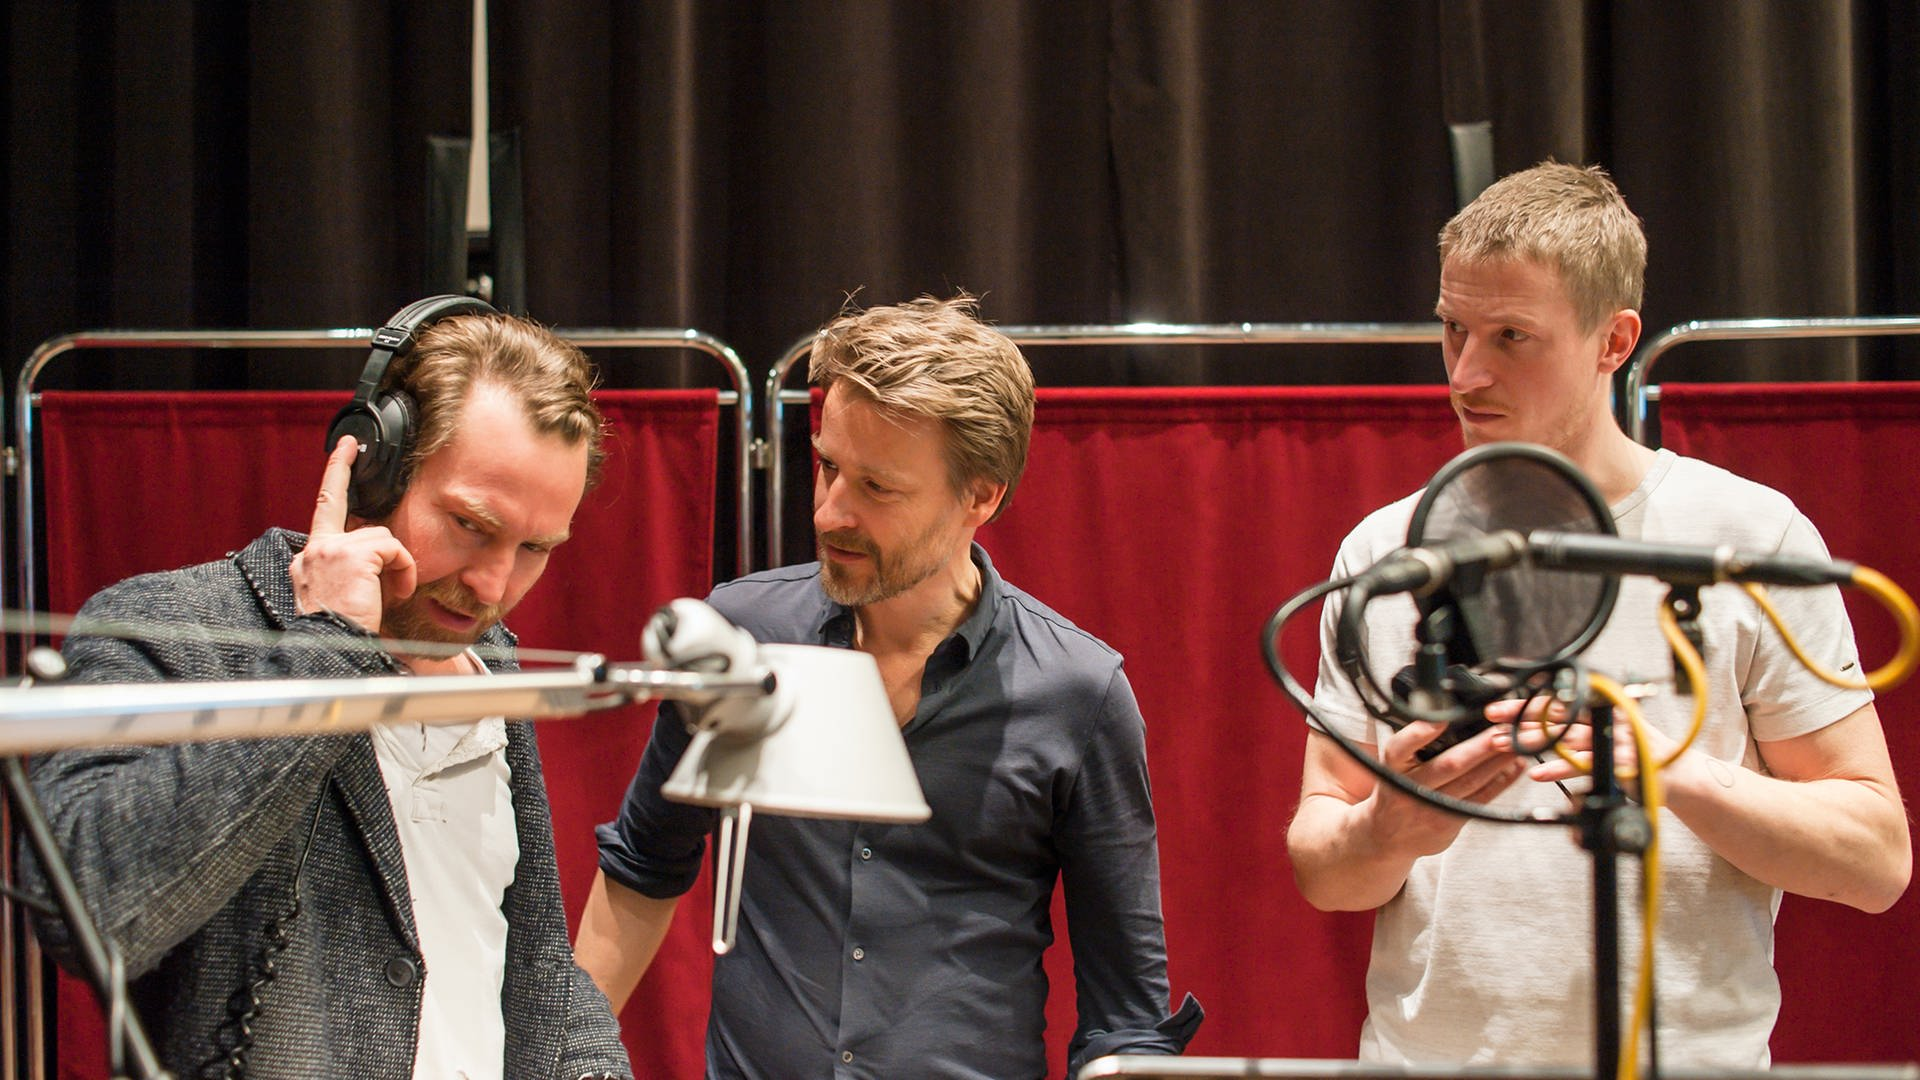 v.l.n.r. Manuel Harder, Max von Pufendorf und Golo Euler im Studio © Nirto Karsten Fischer / SWR